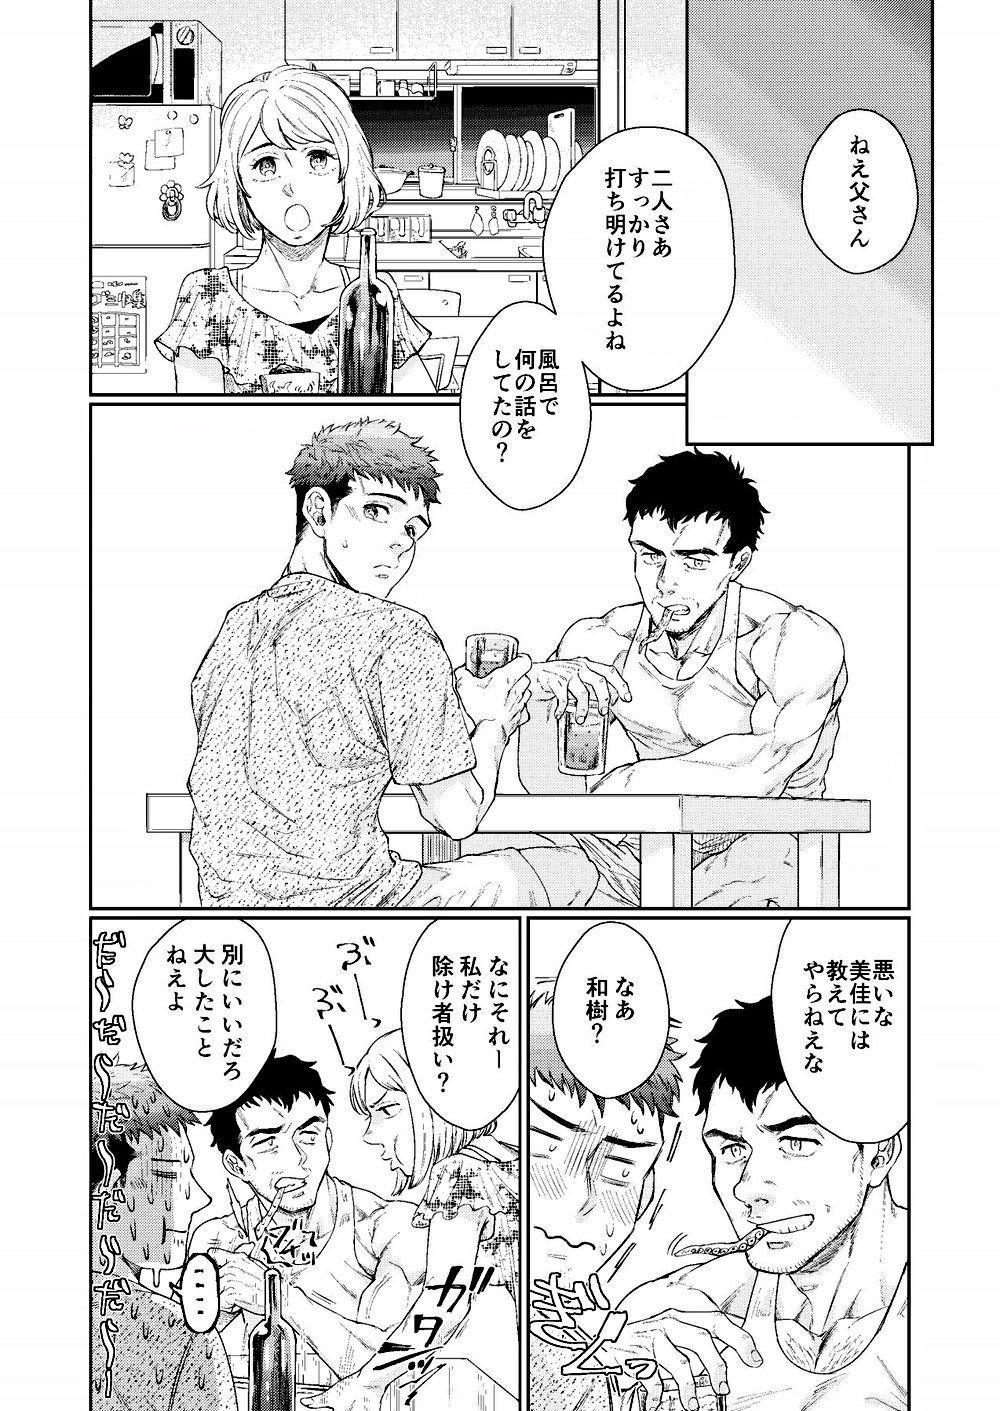 Kamishimo o nuide hitotsu bureikō 35